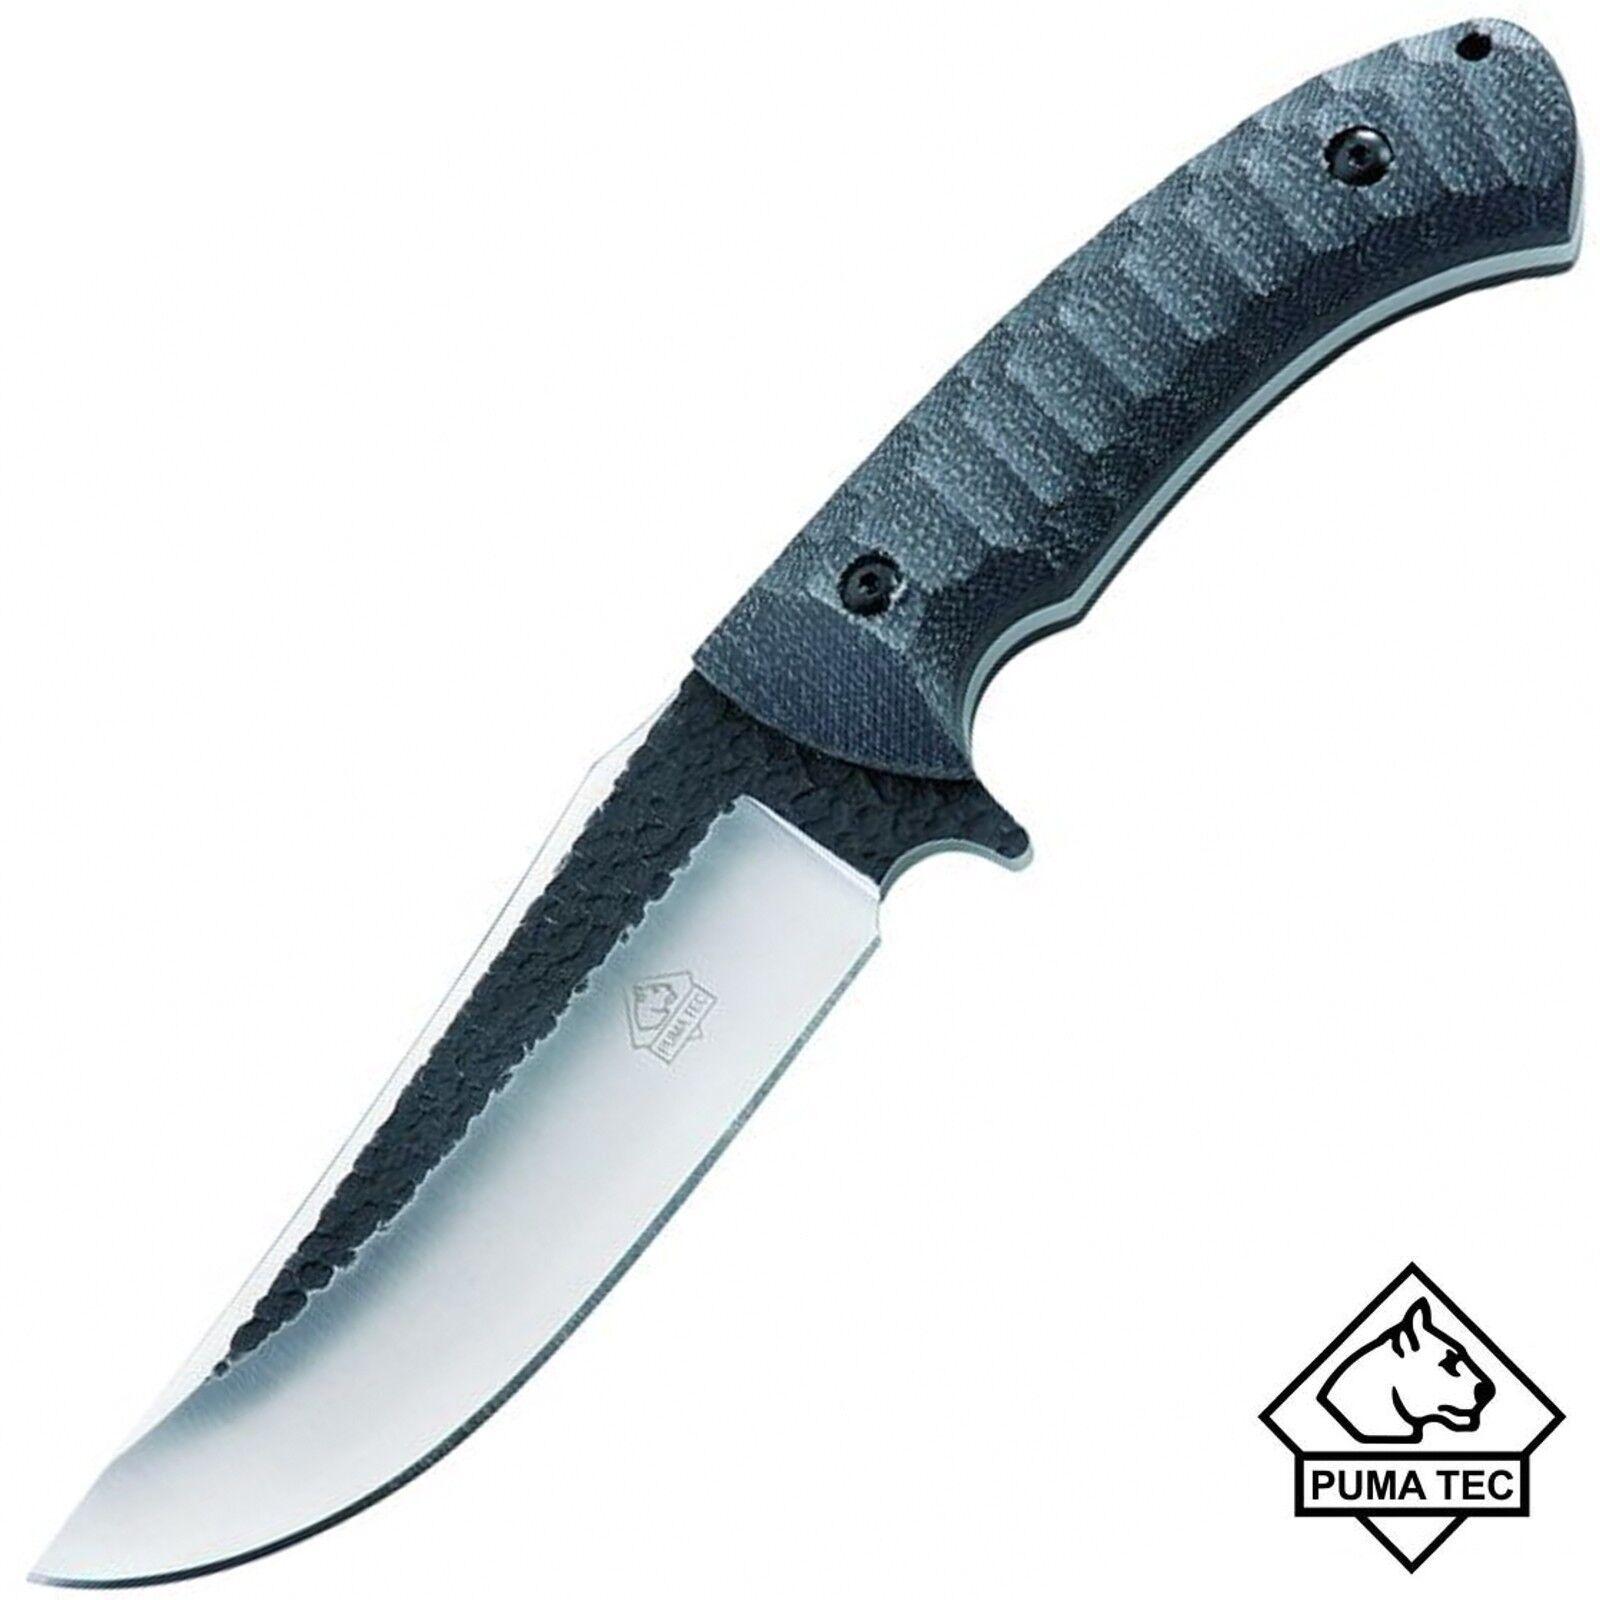 Puma TEC TEC TEC Gürtelmesser AISI420 Micarta−Griffschalen Lederscheide Jagd-Messer 99ffd9